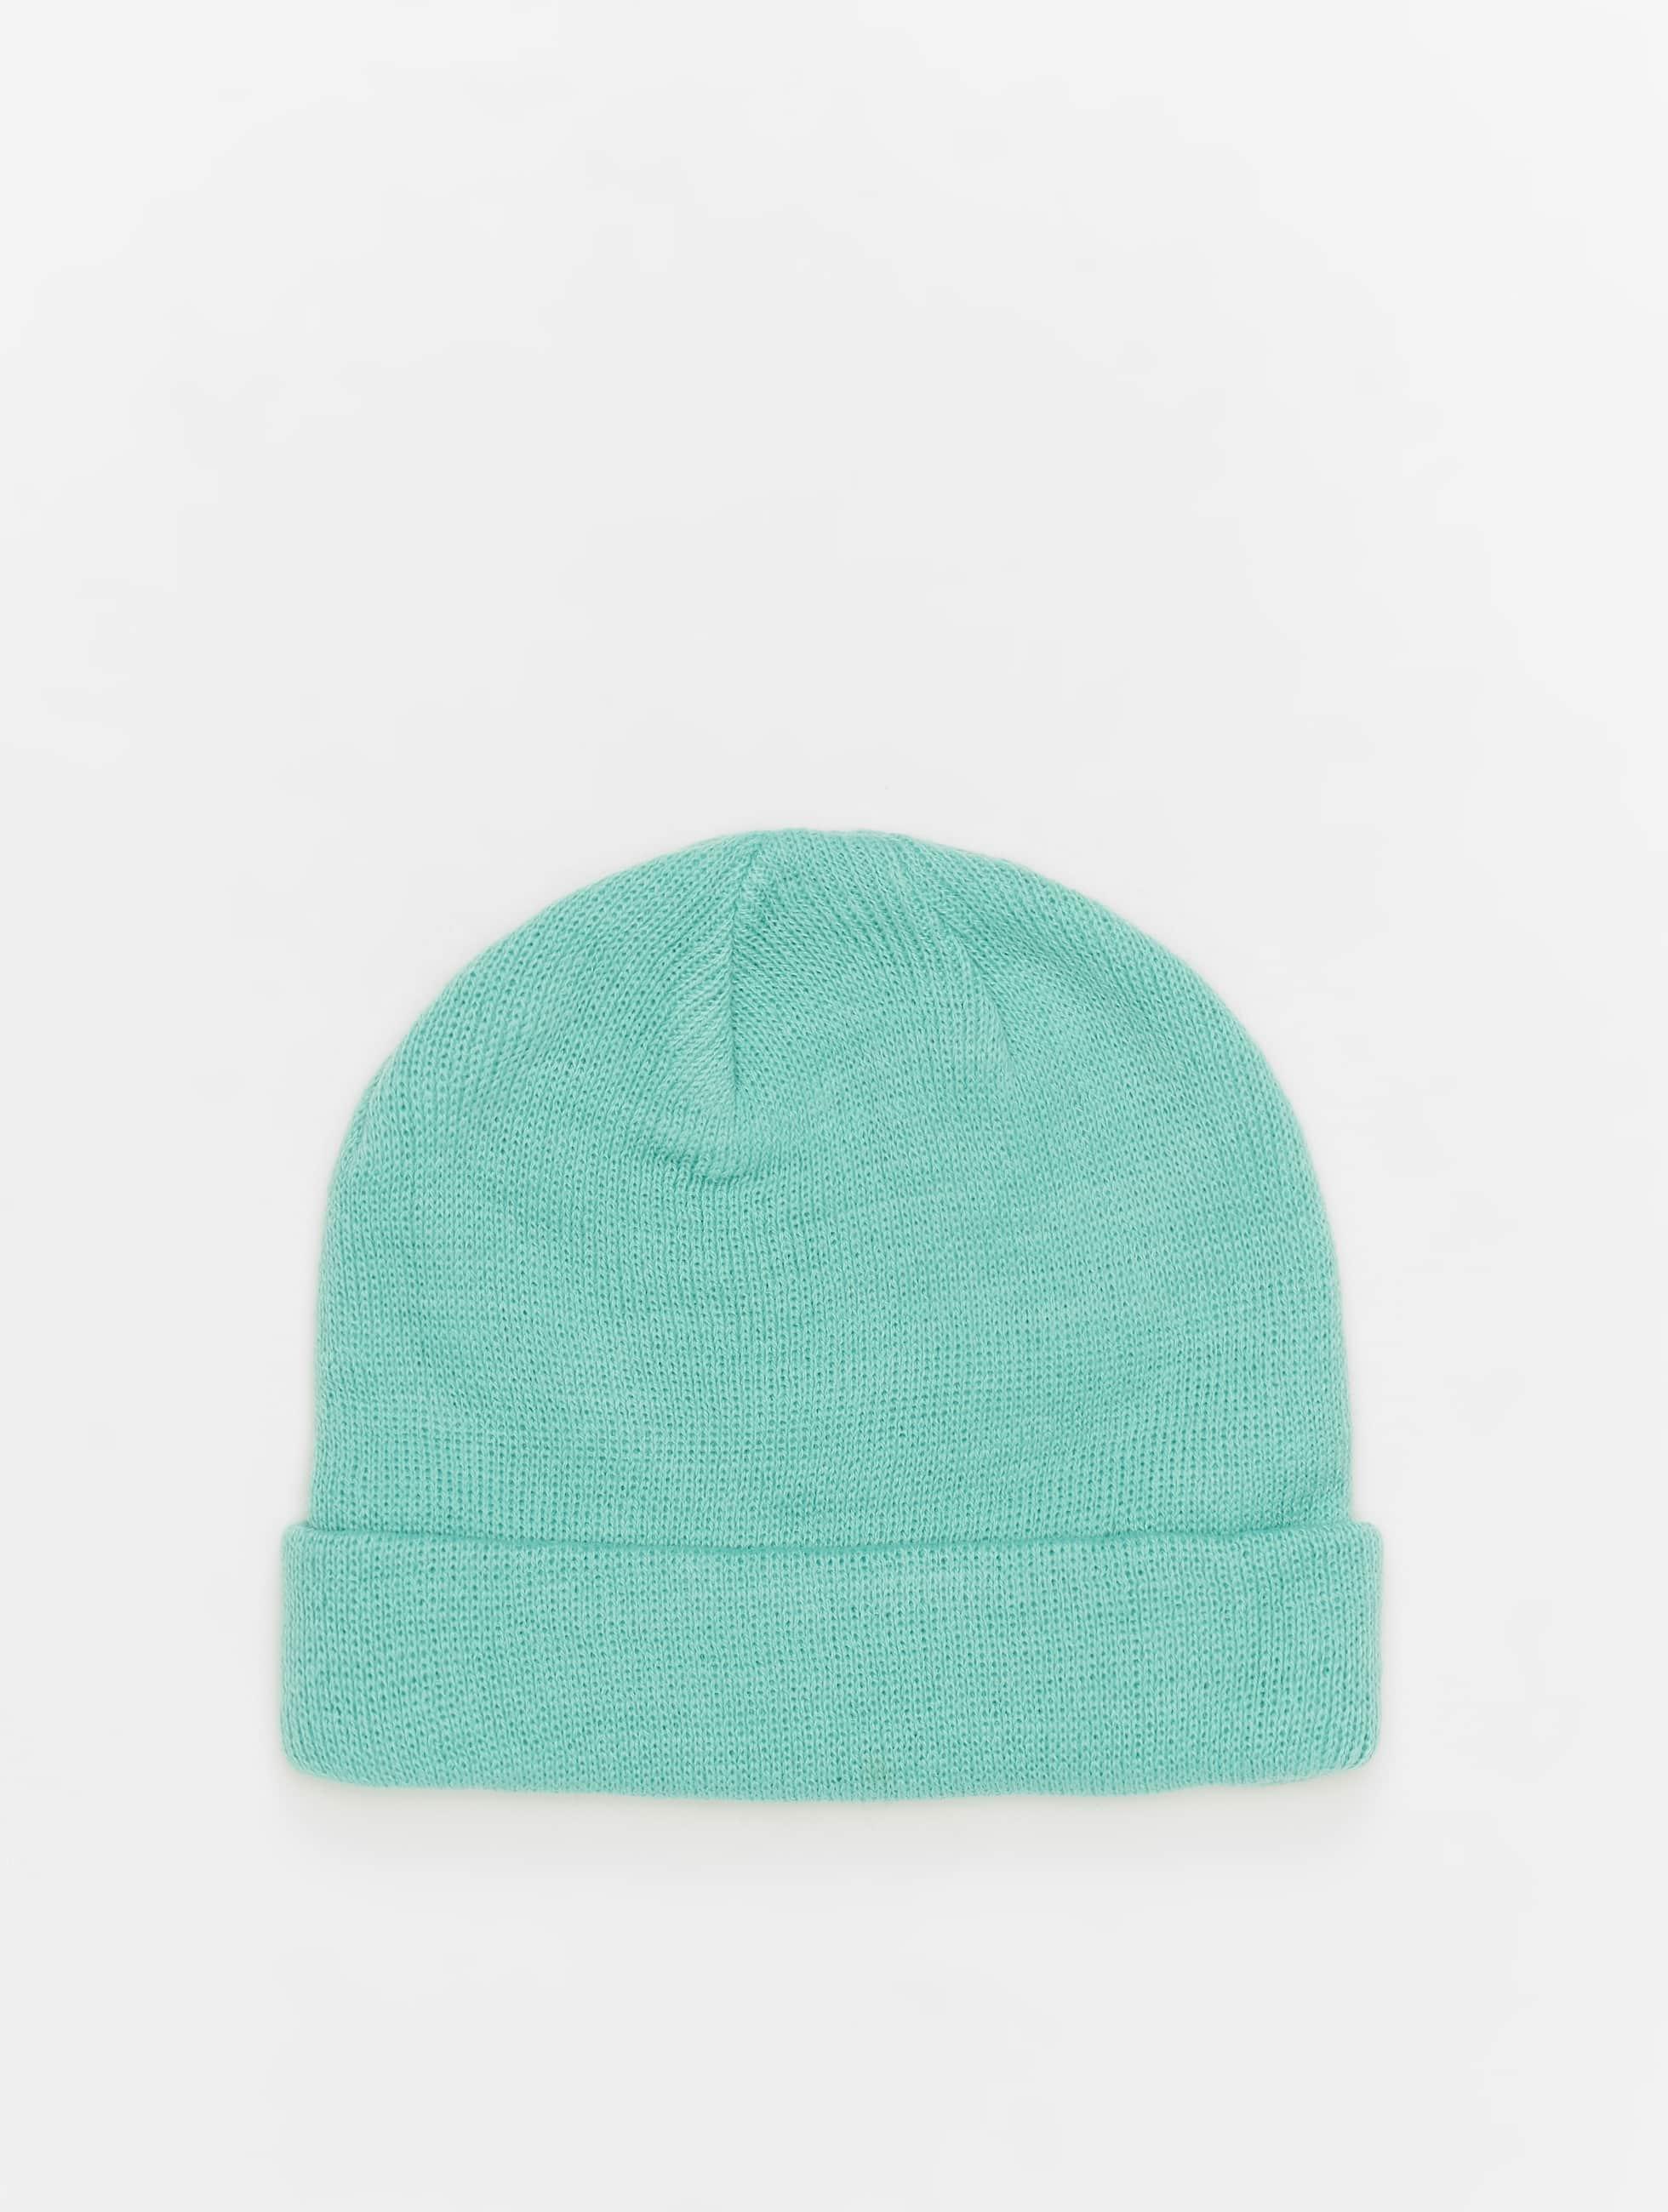 MSTRDS Bonnet Short Pastel Cuff Knit turquoise